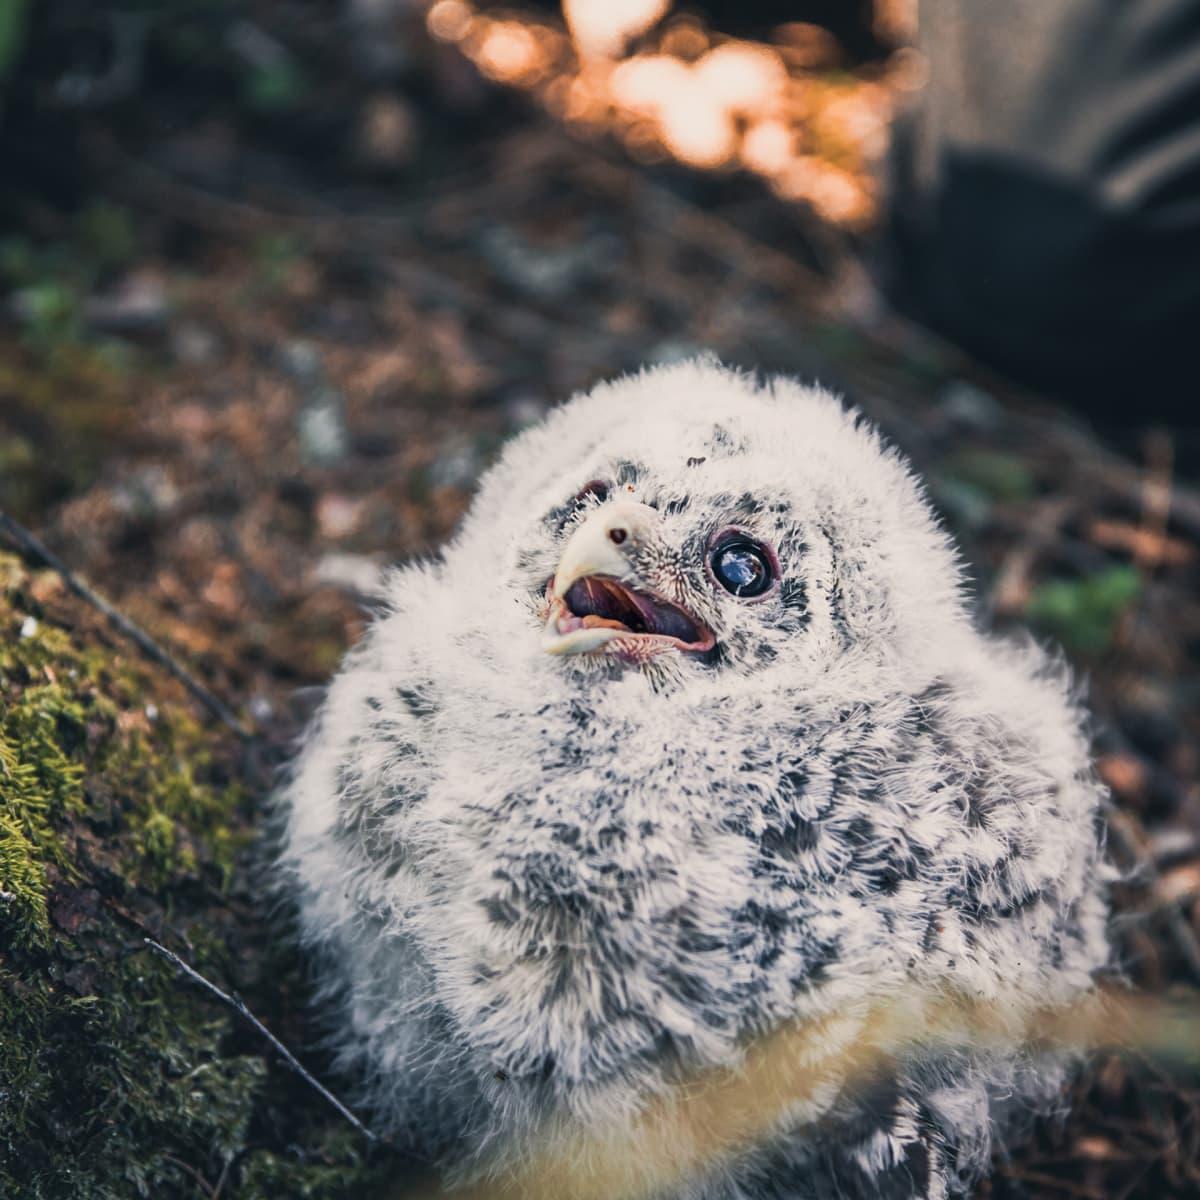 Viirupöllön poikanen maassa